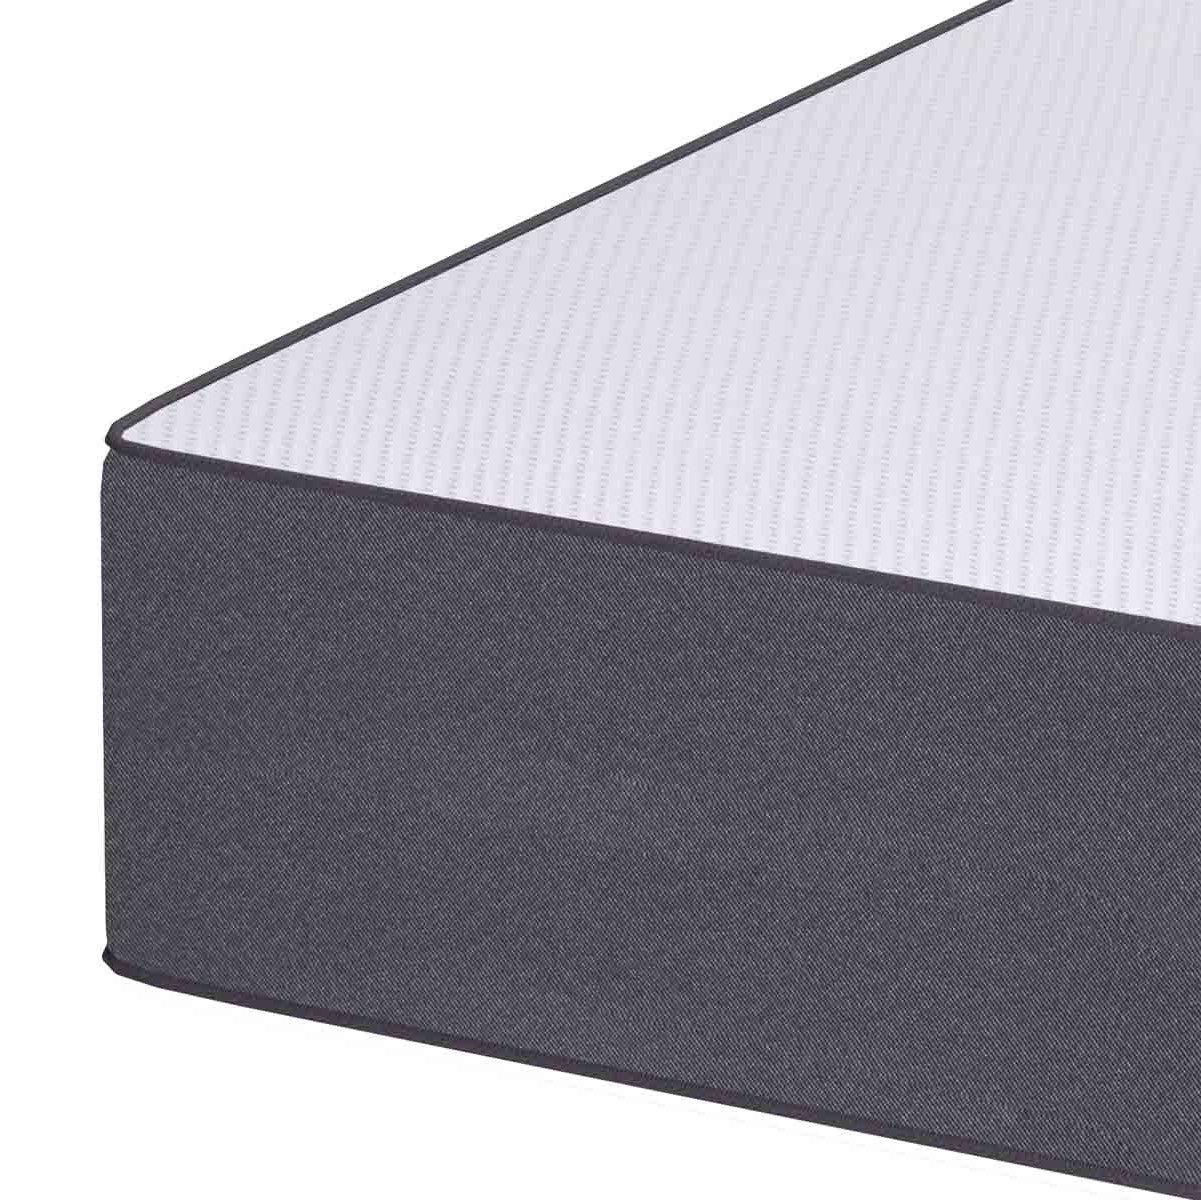 Revero Graphite Memory Foam Super King Mattresses |Graphite Foam